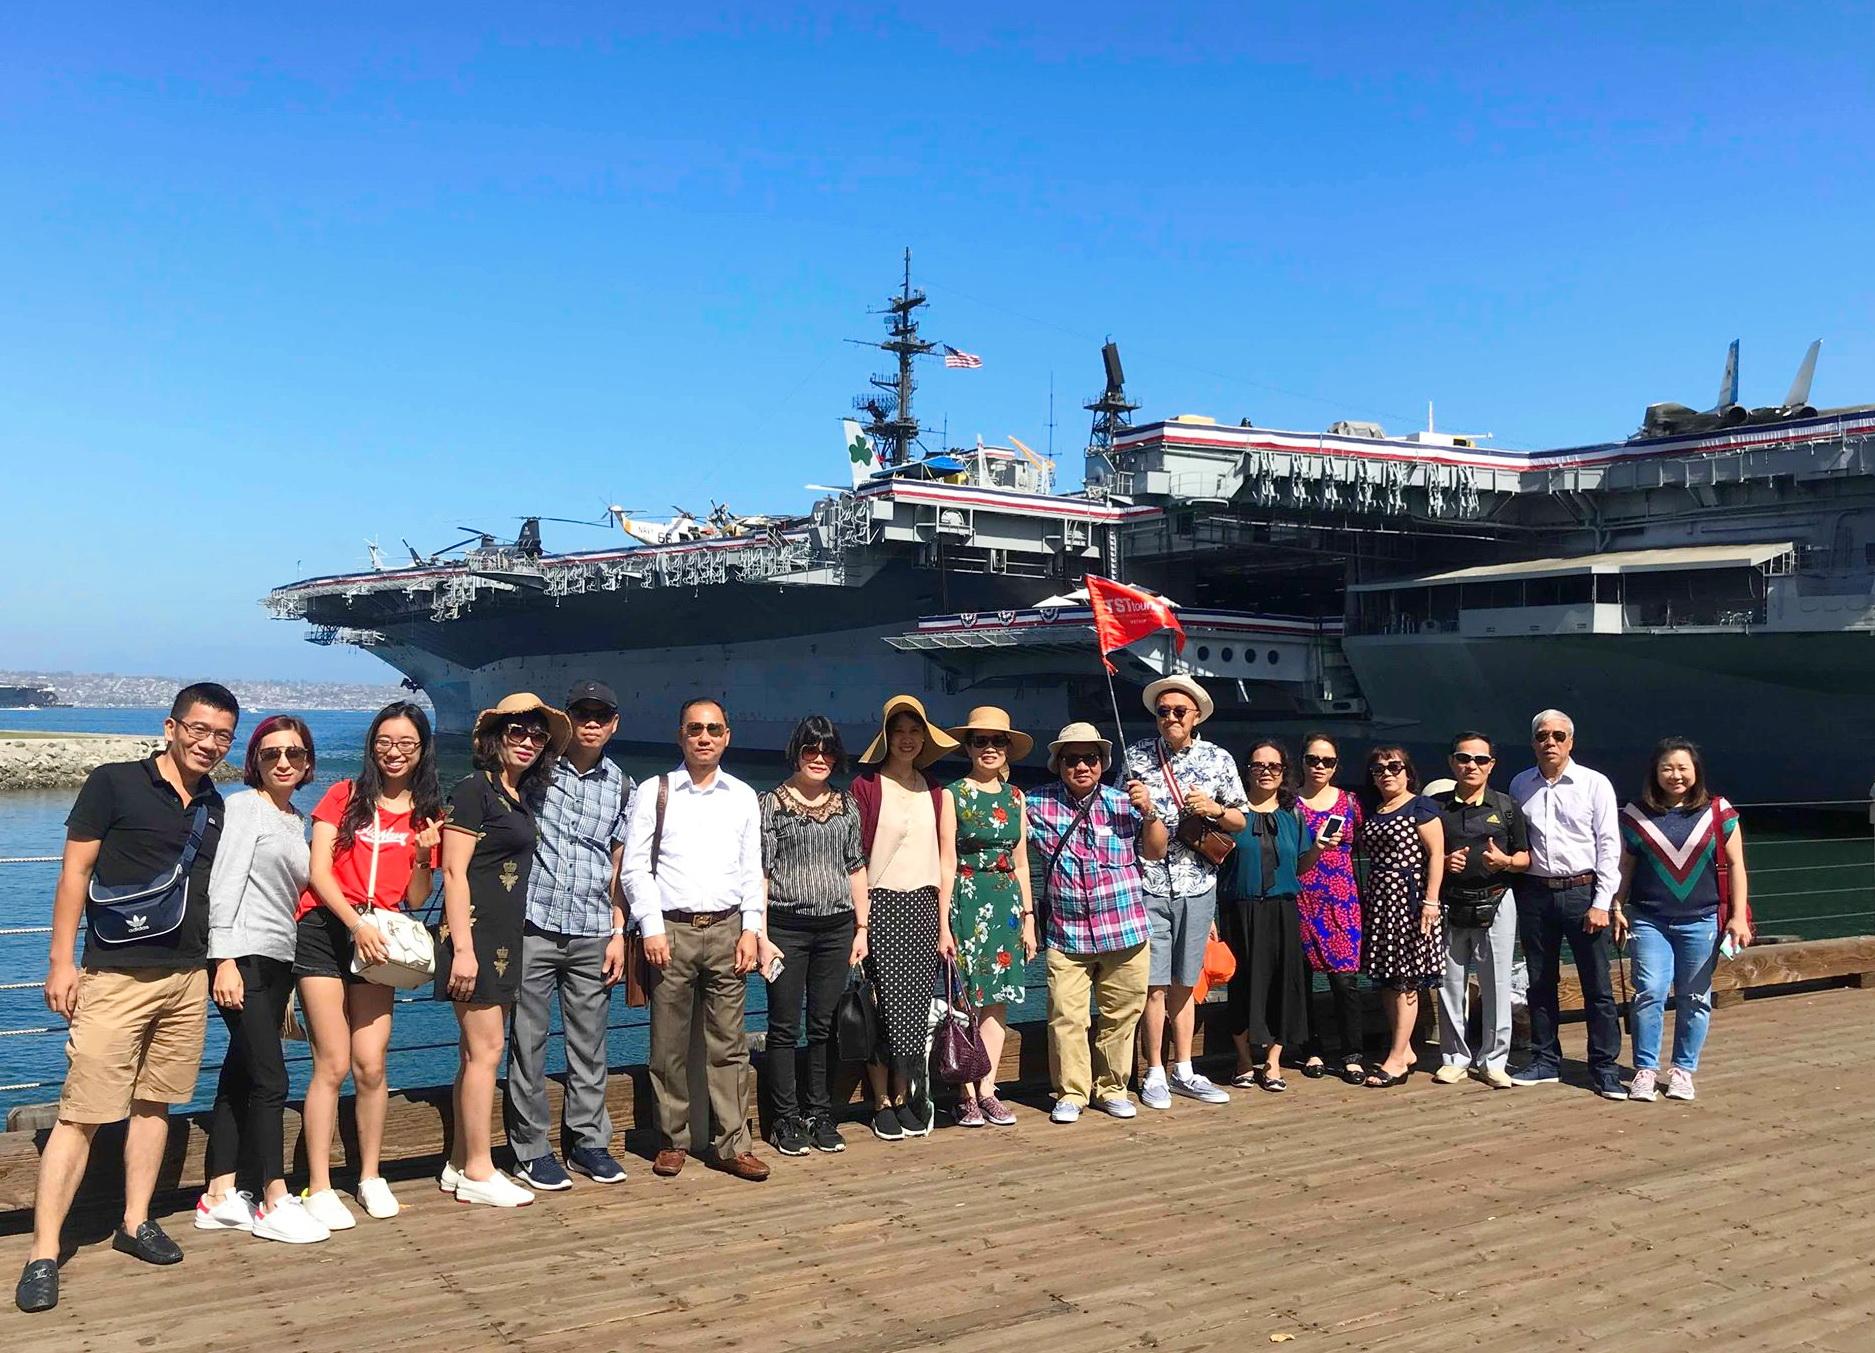 chương trình khuyến mãi hè sôi động 2019 của TST tourist